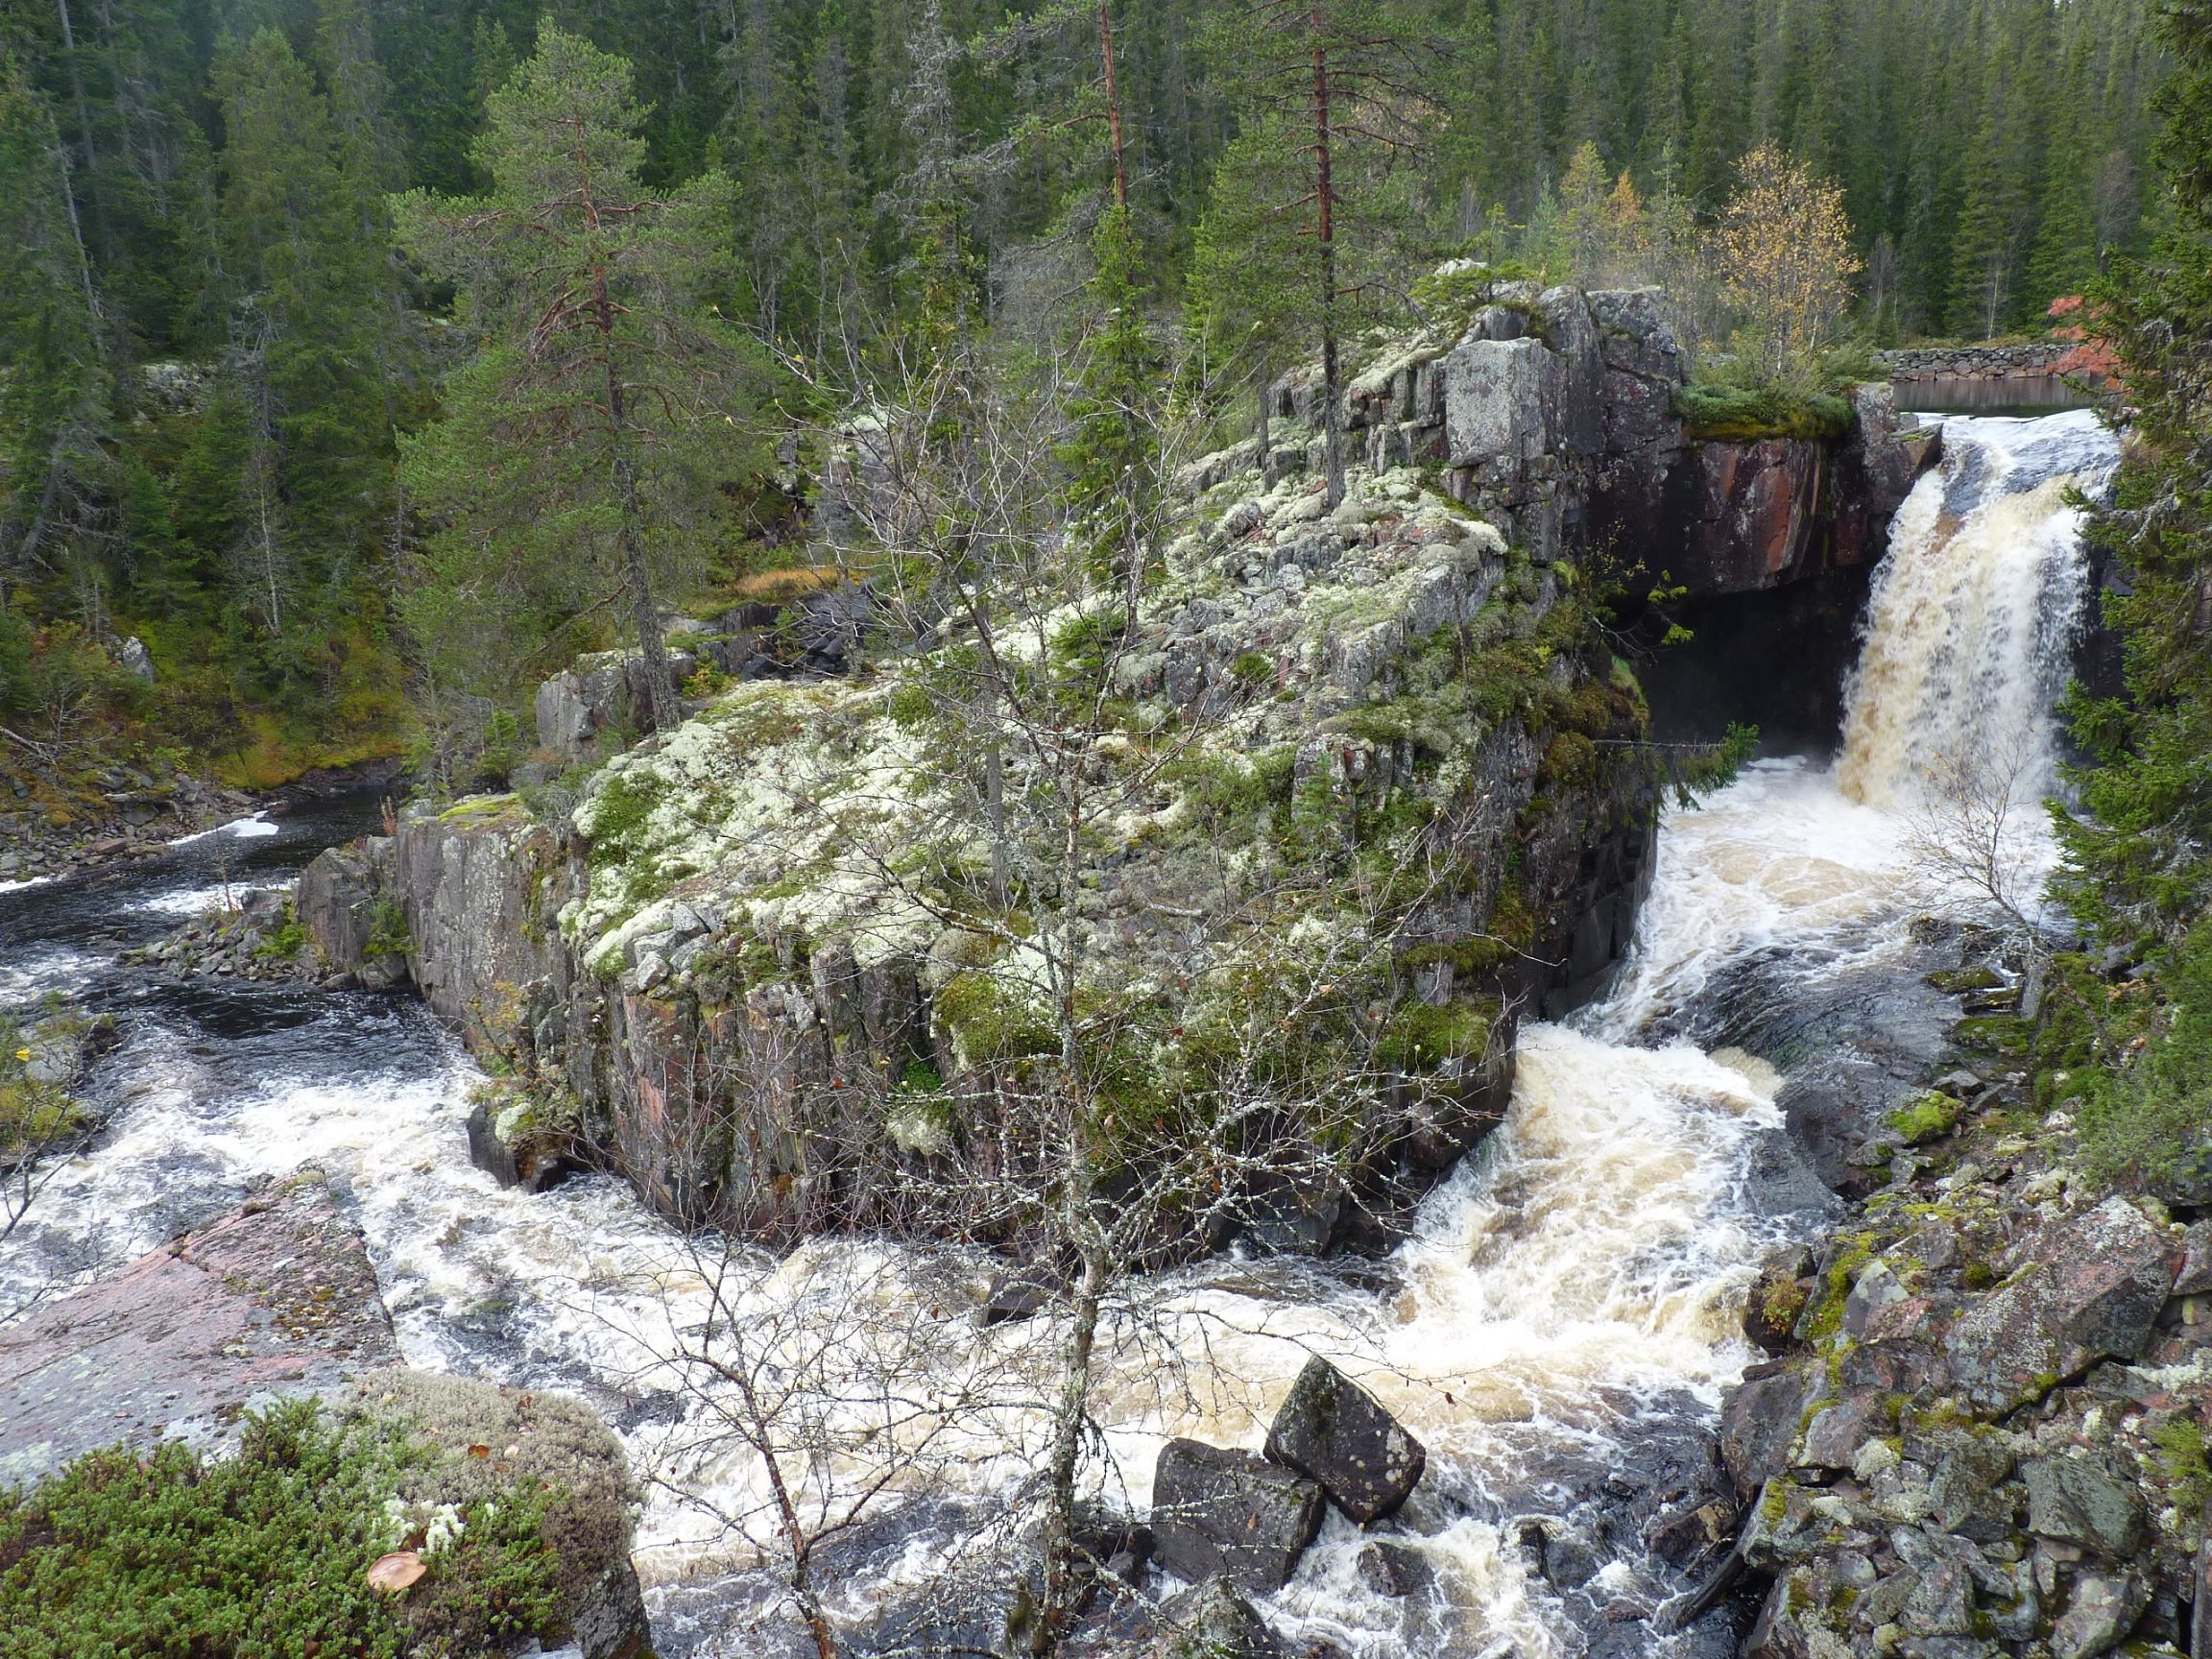 Mikael Wegerstam, Norra Trollegrav